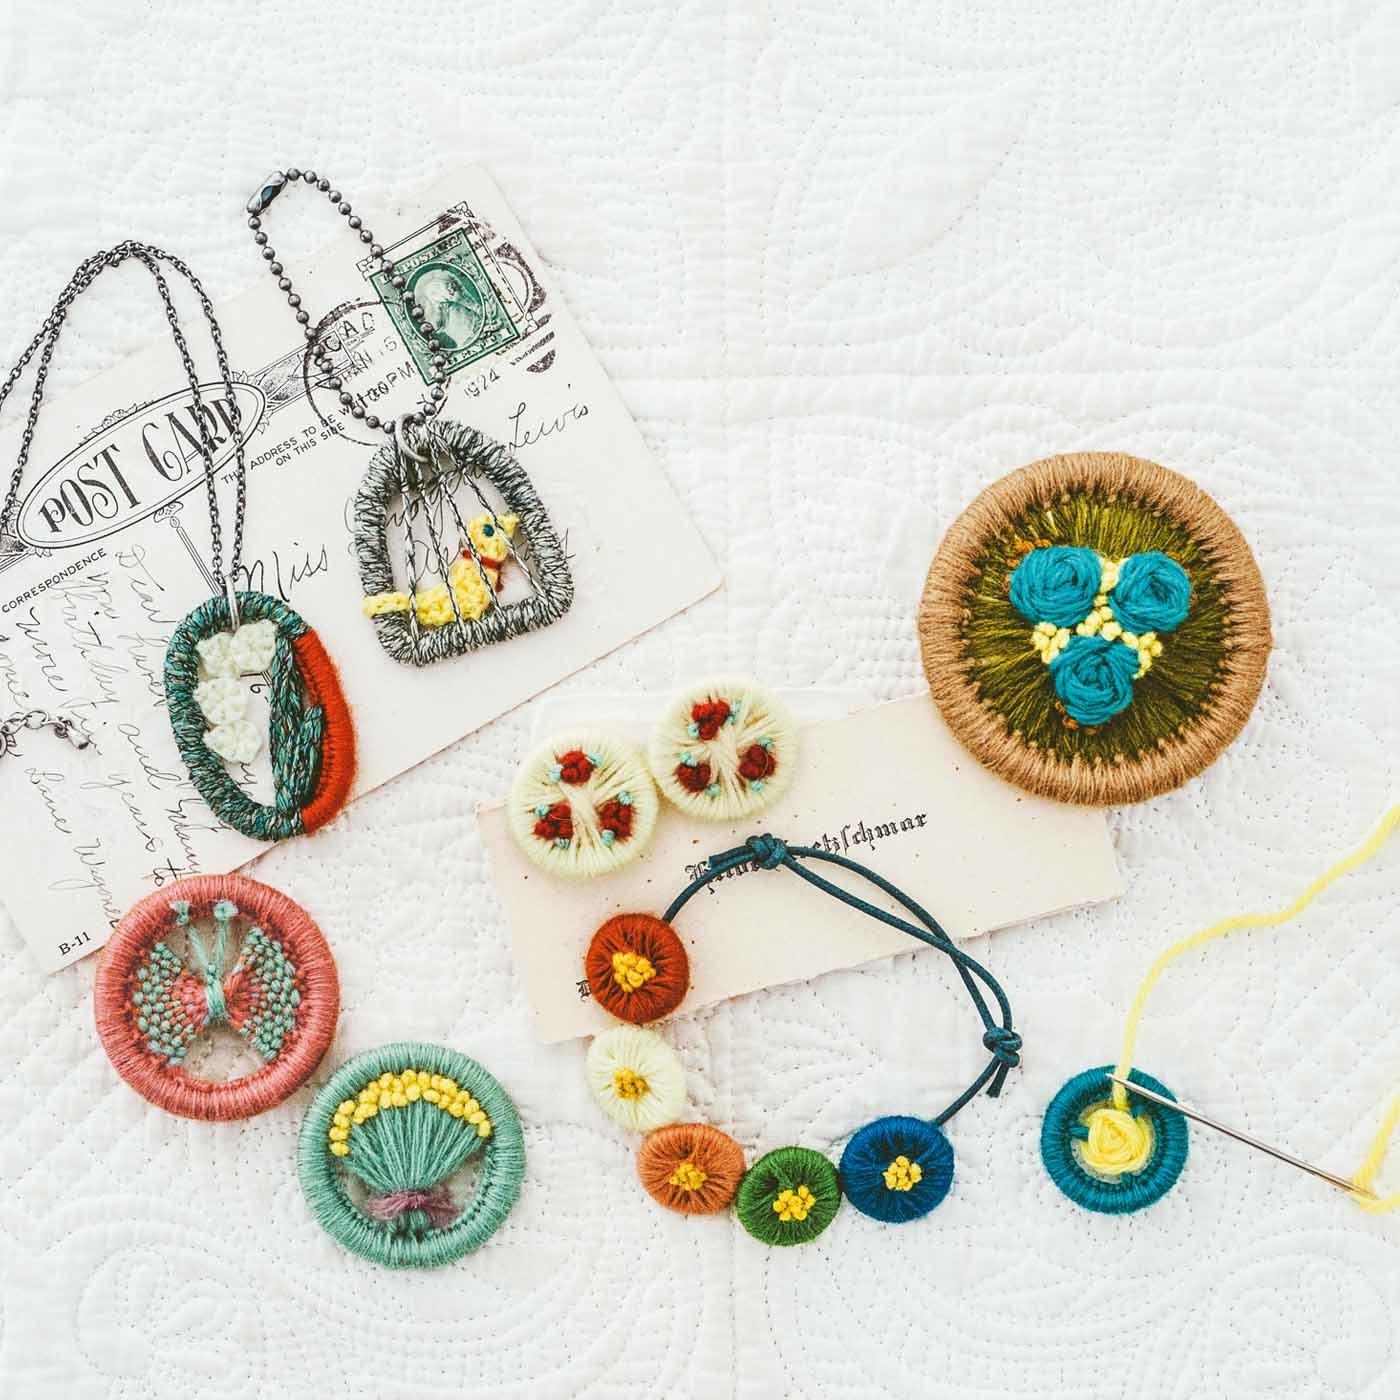 小さな宝物 手軽に作れる リングワークの毎日小物